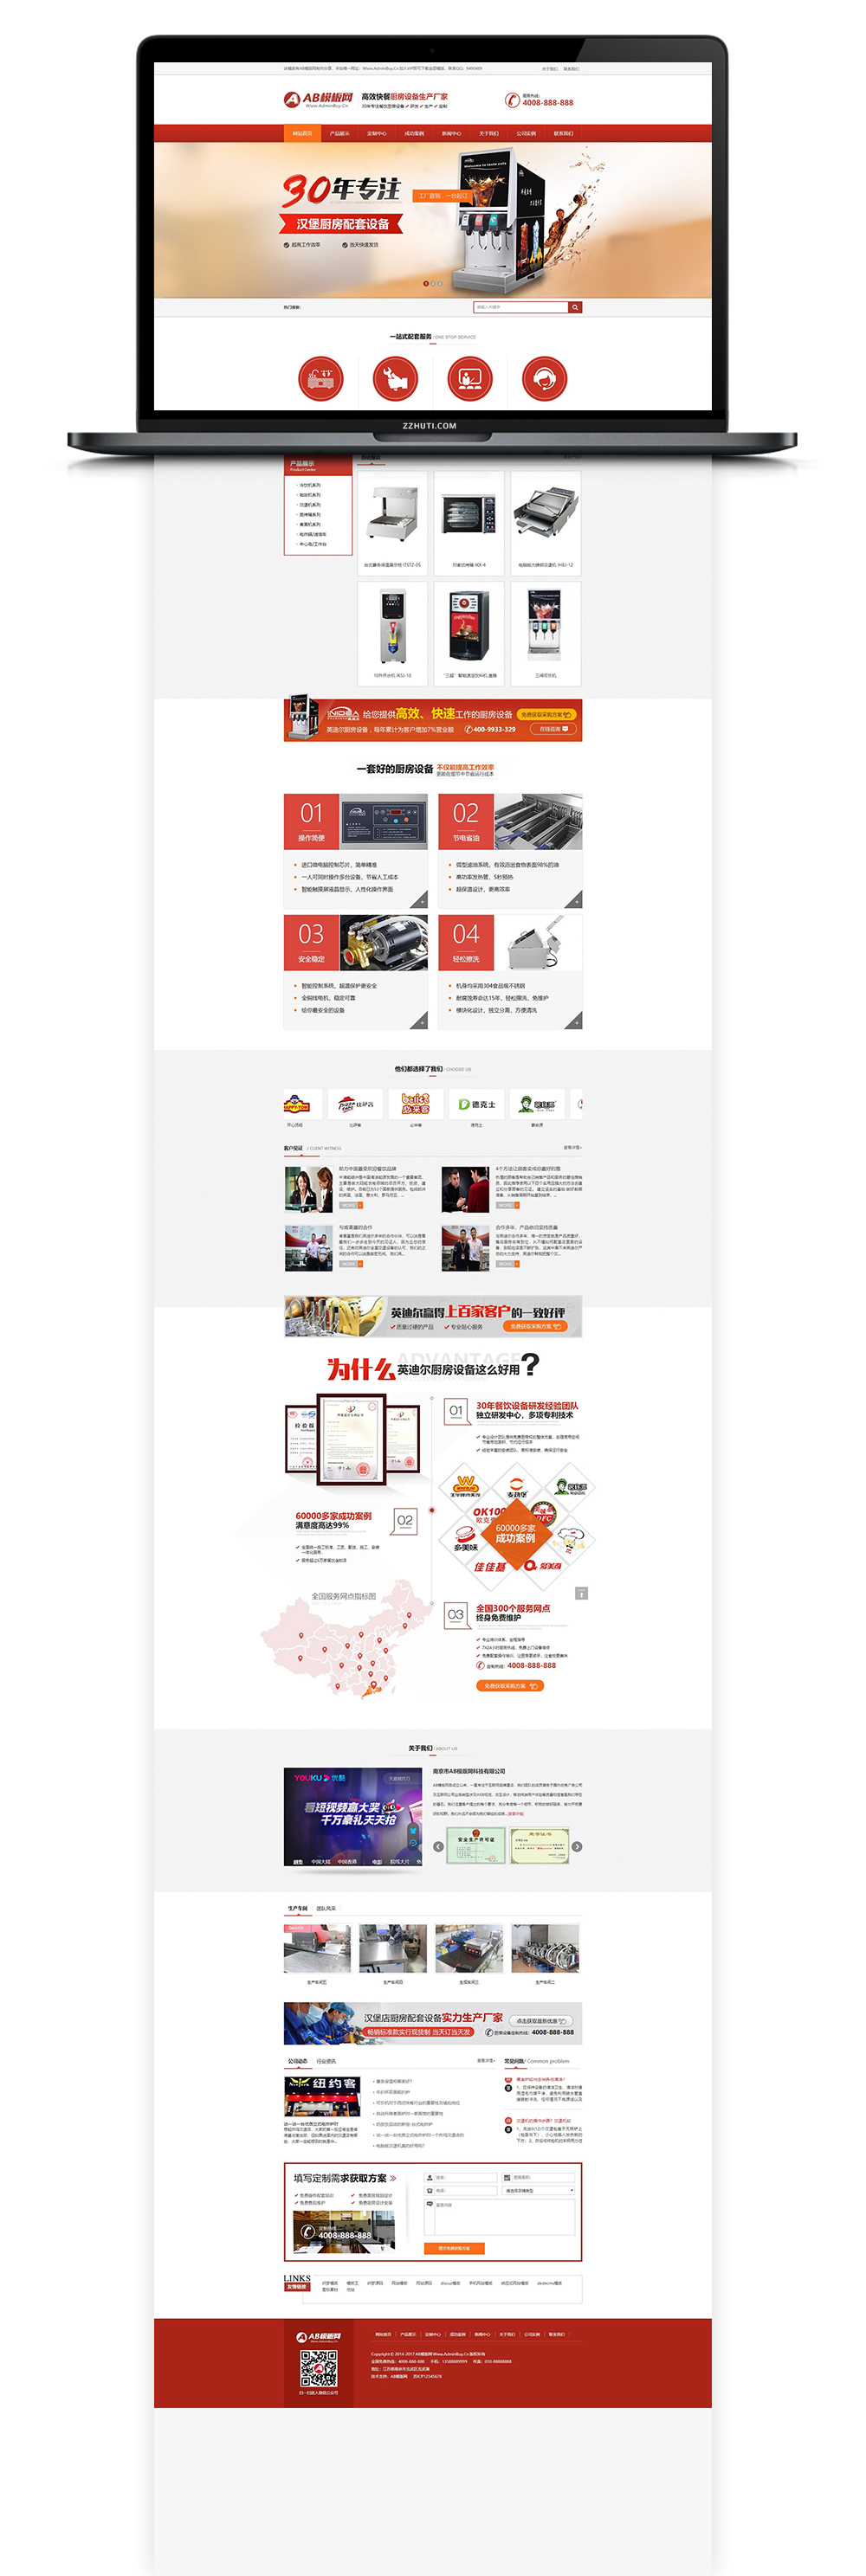 【厨房设备】织梦CMS红色模板 网站源码带手机版数据同步-找主题源码